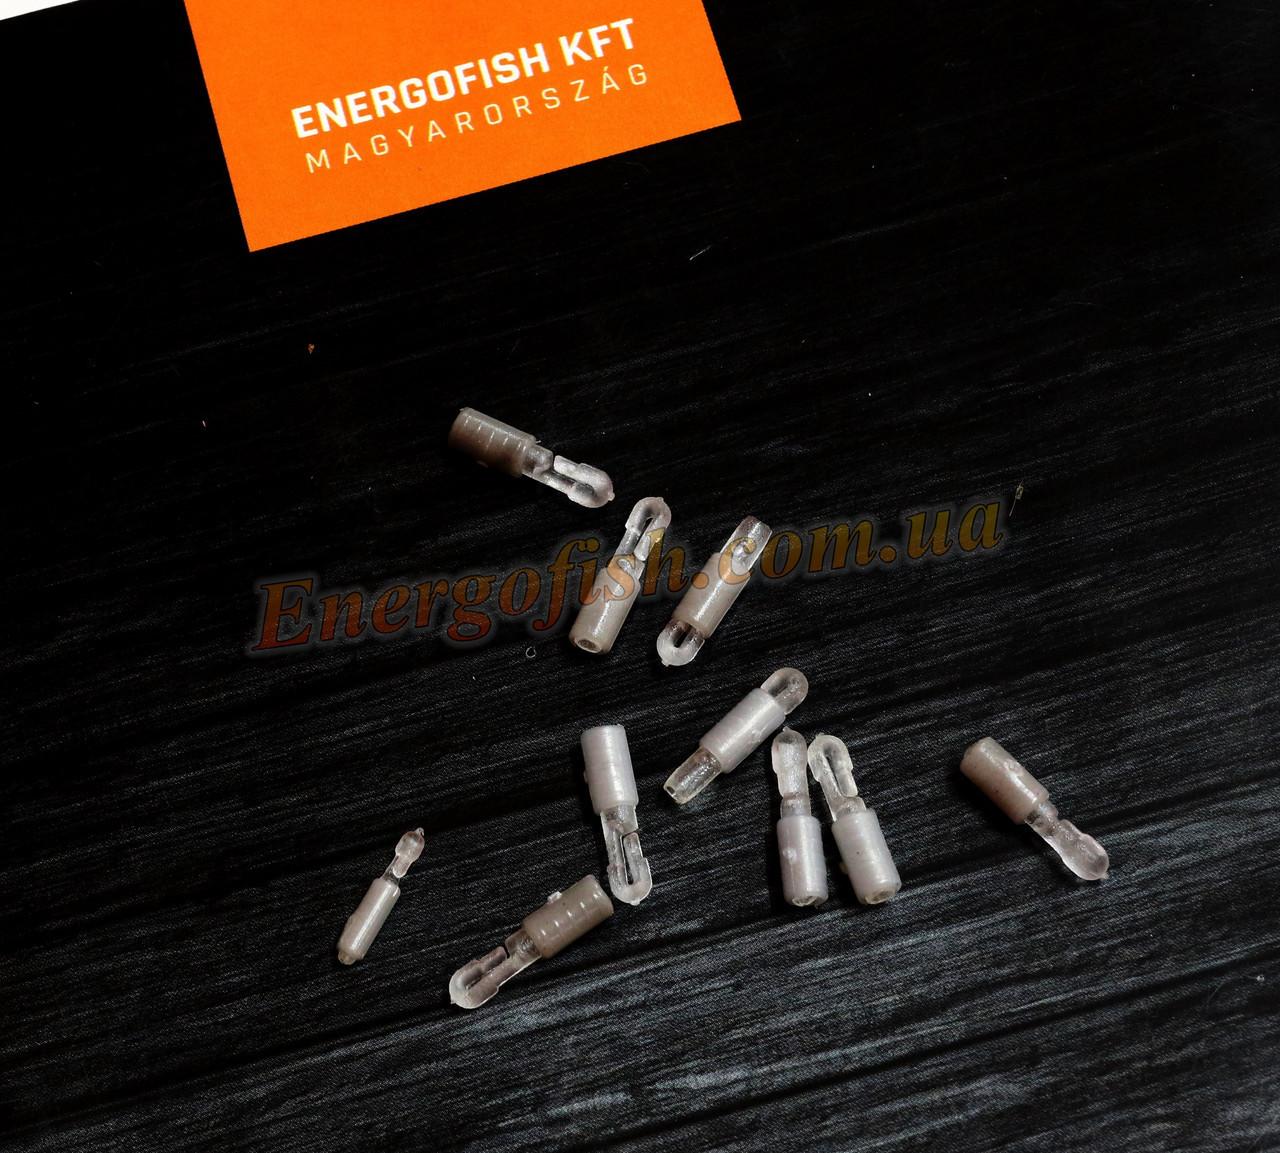 Коннектор Mad Carp 2.0mm для безколечной удочки (1шт)